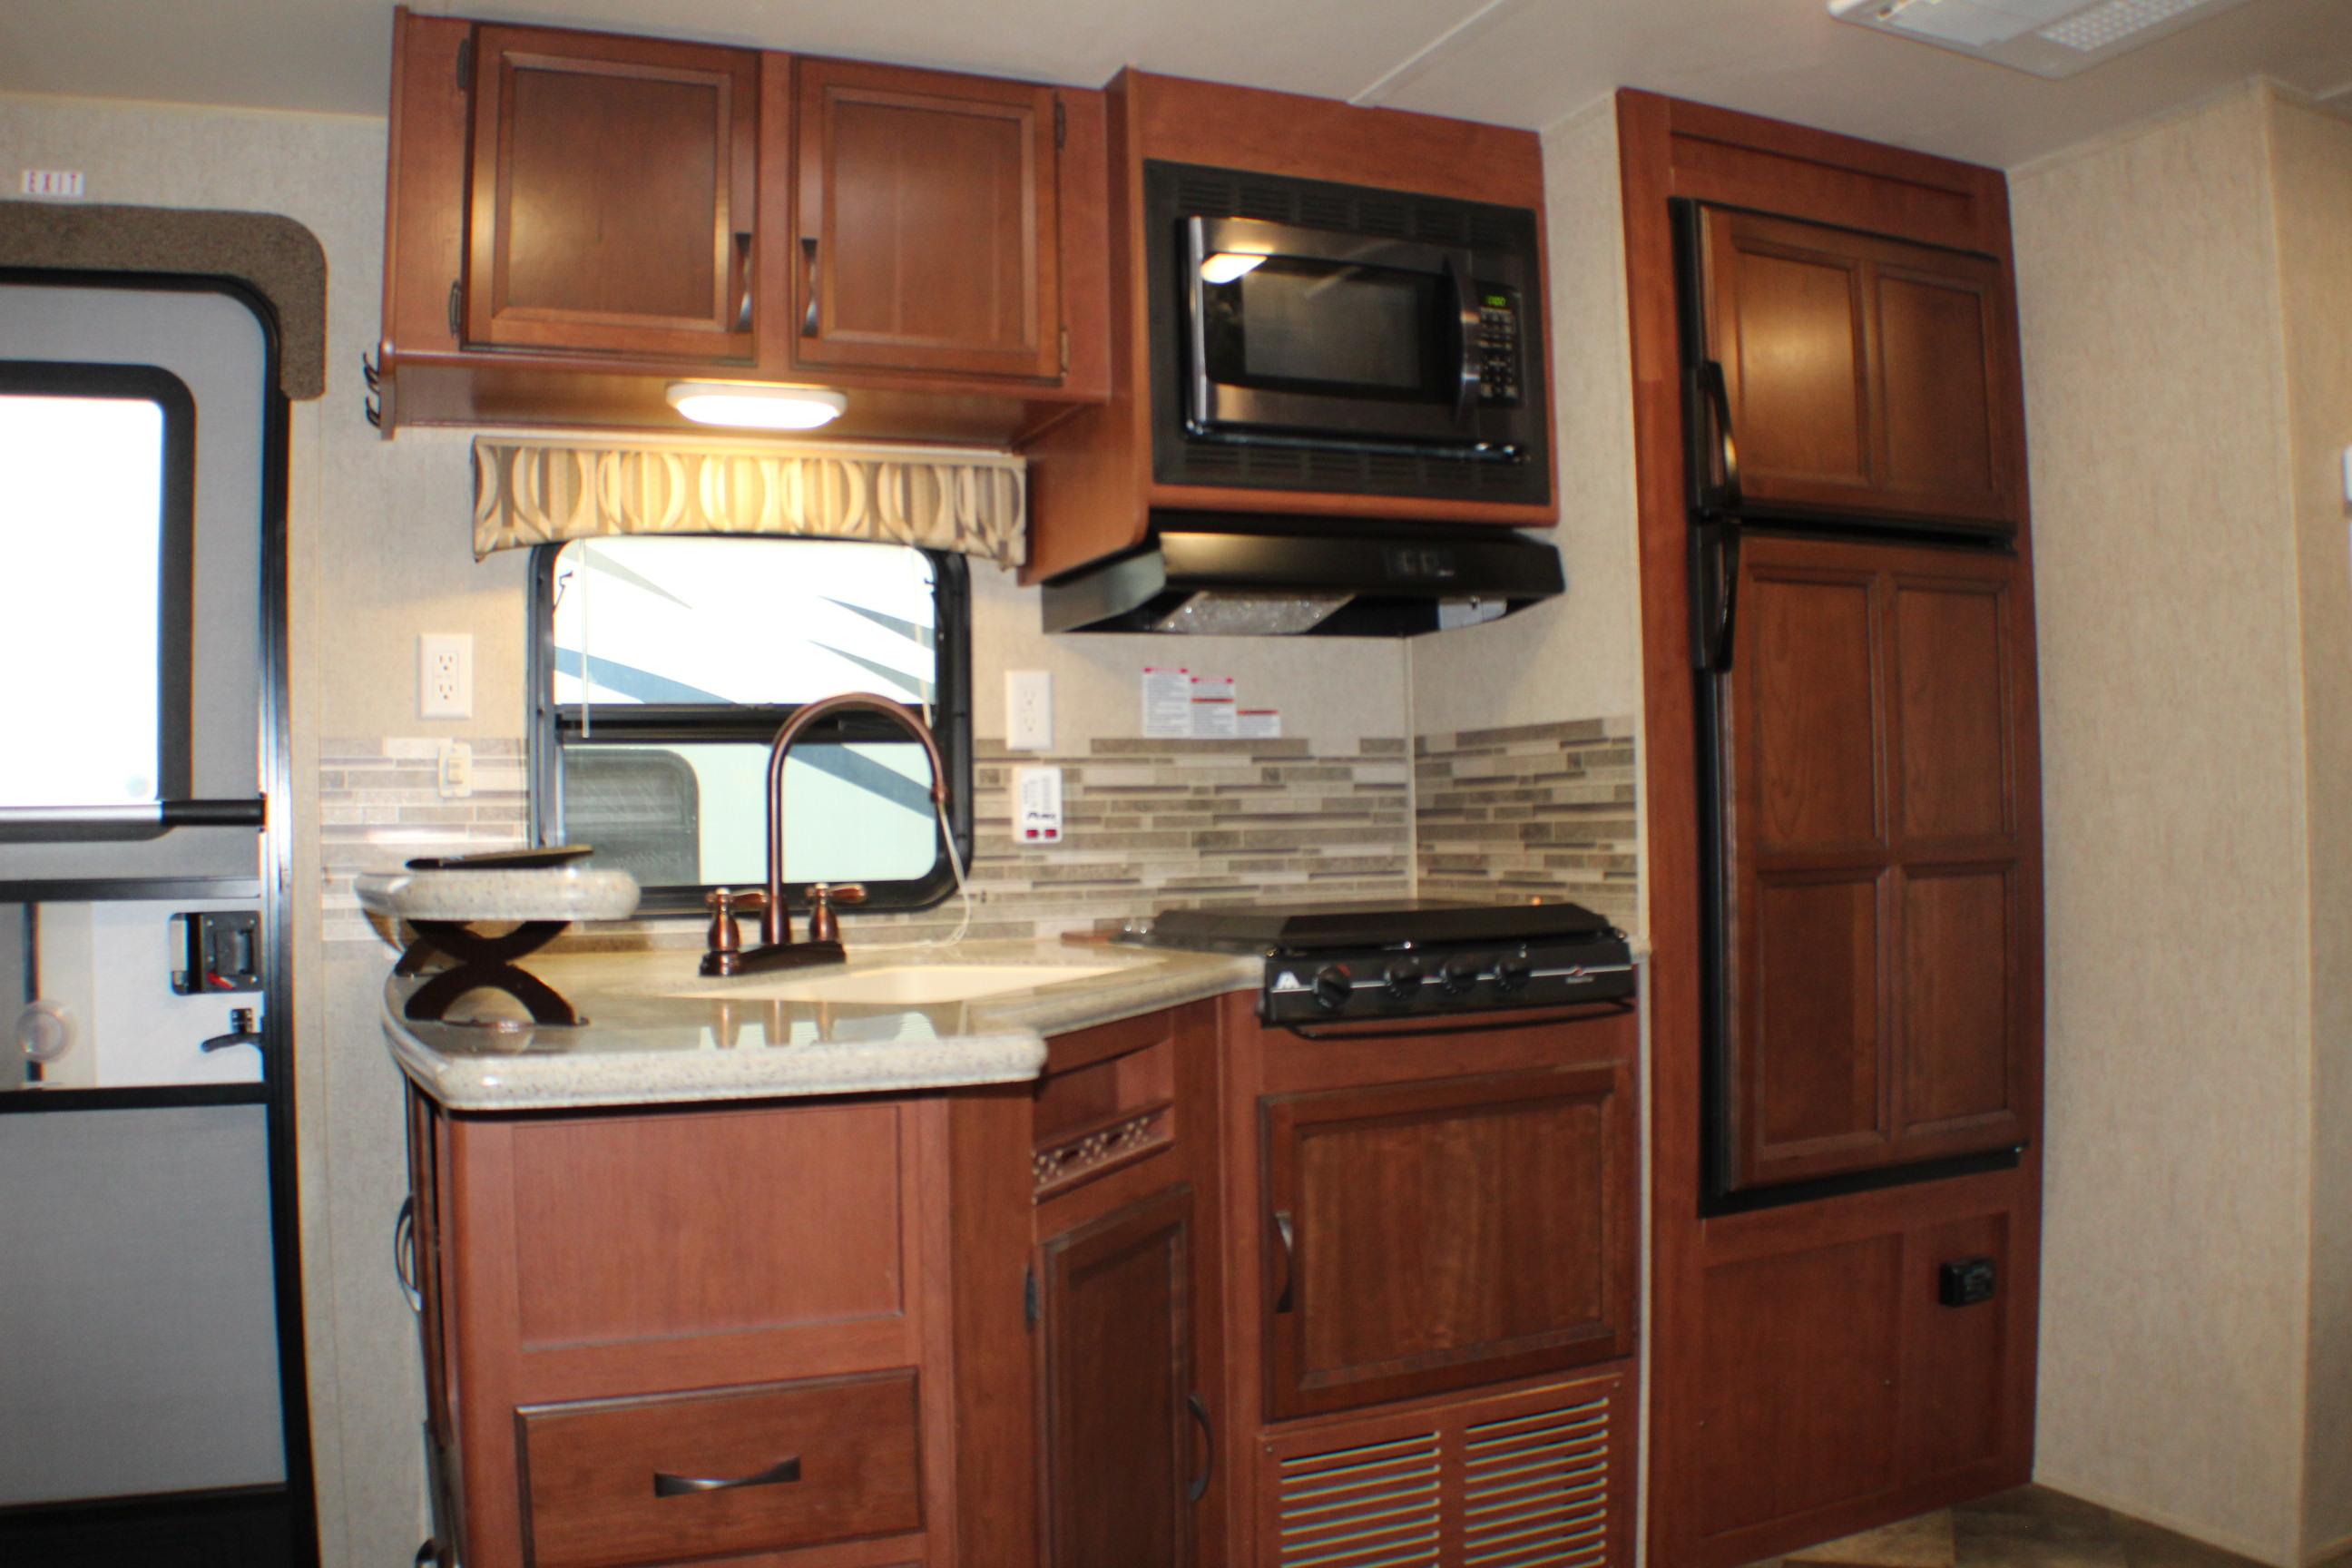 b kitchen3